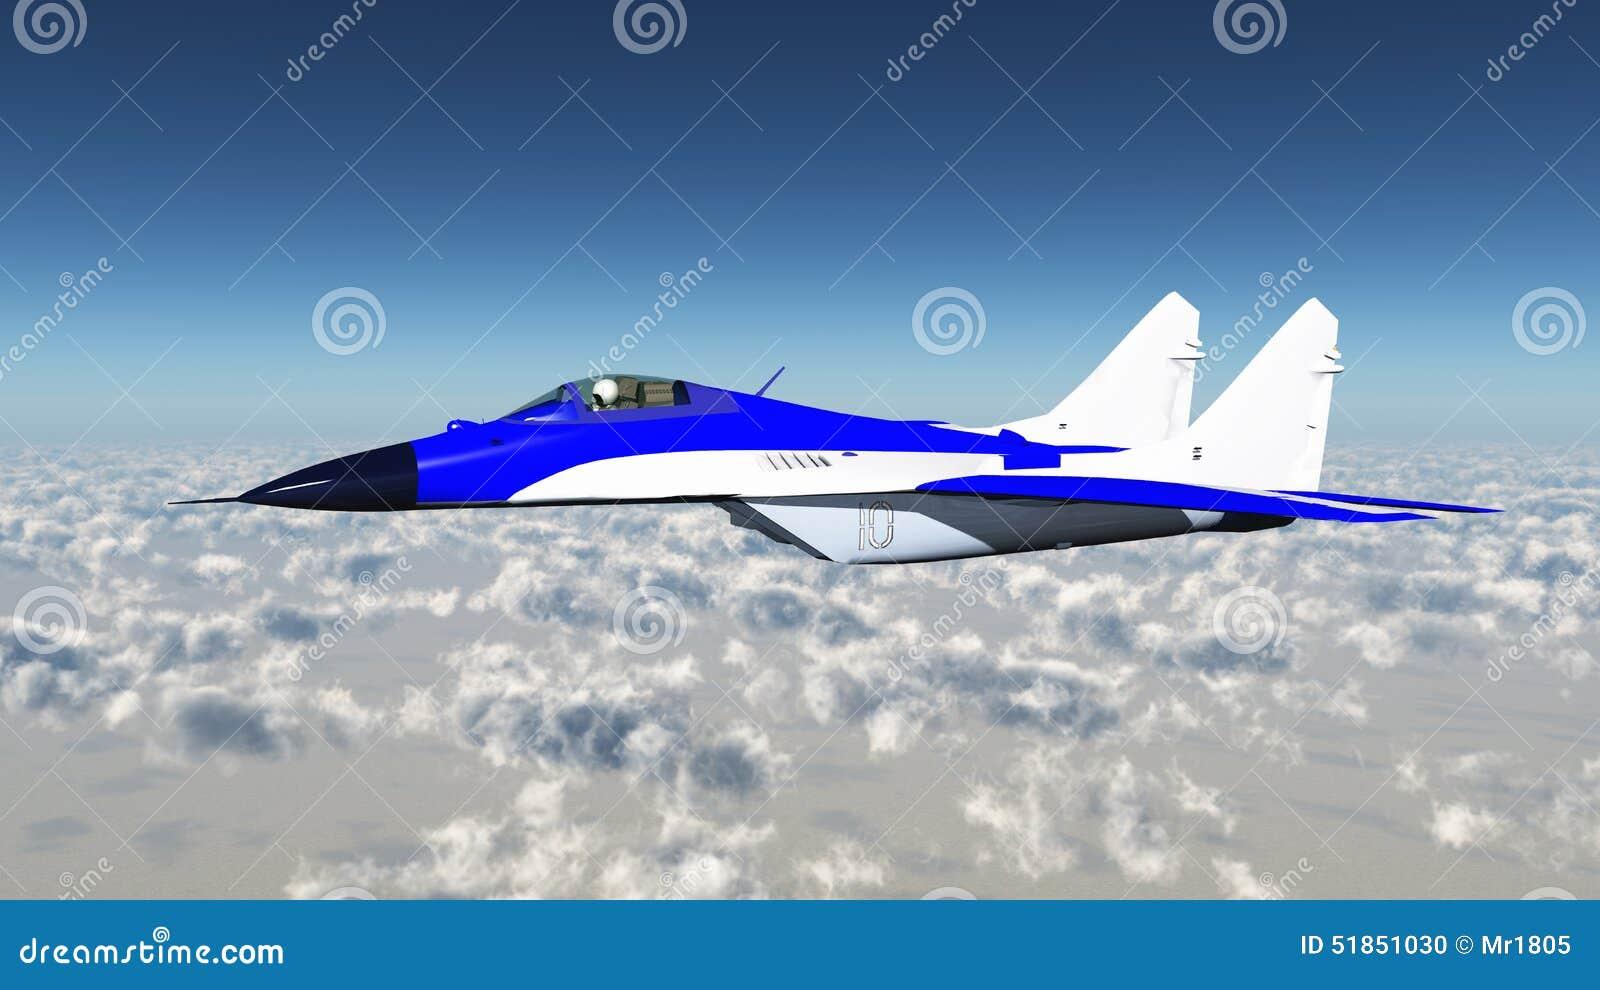 Aereo Da Combattimento Russo : Aereo di combattimento russo illustrazione stock